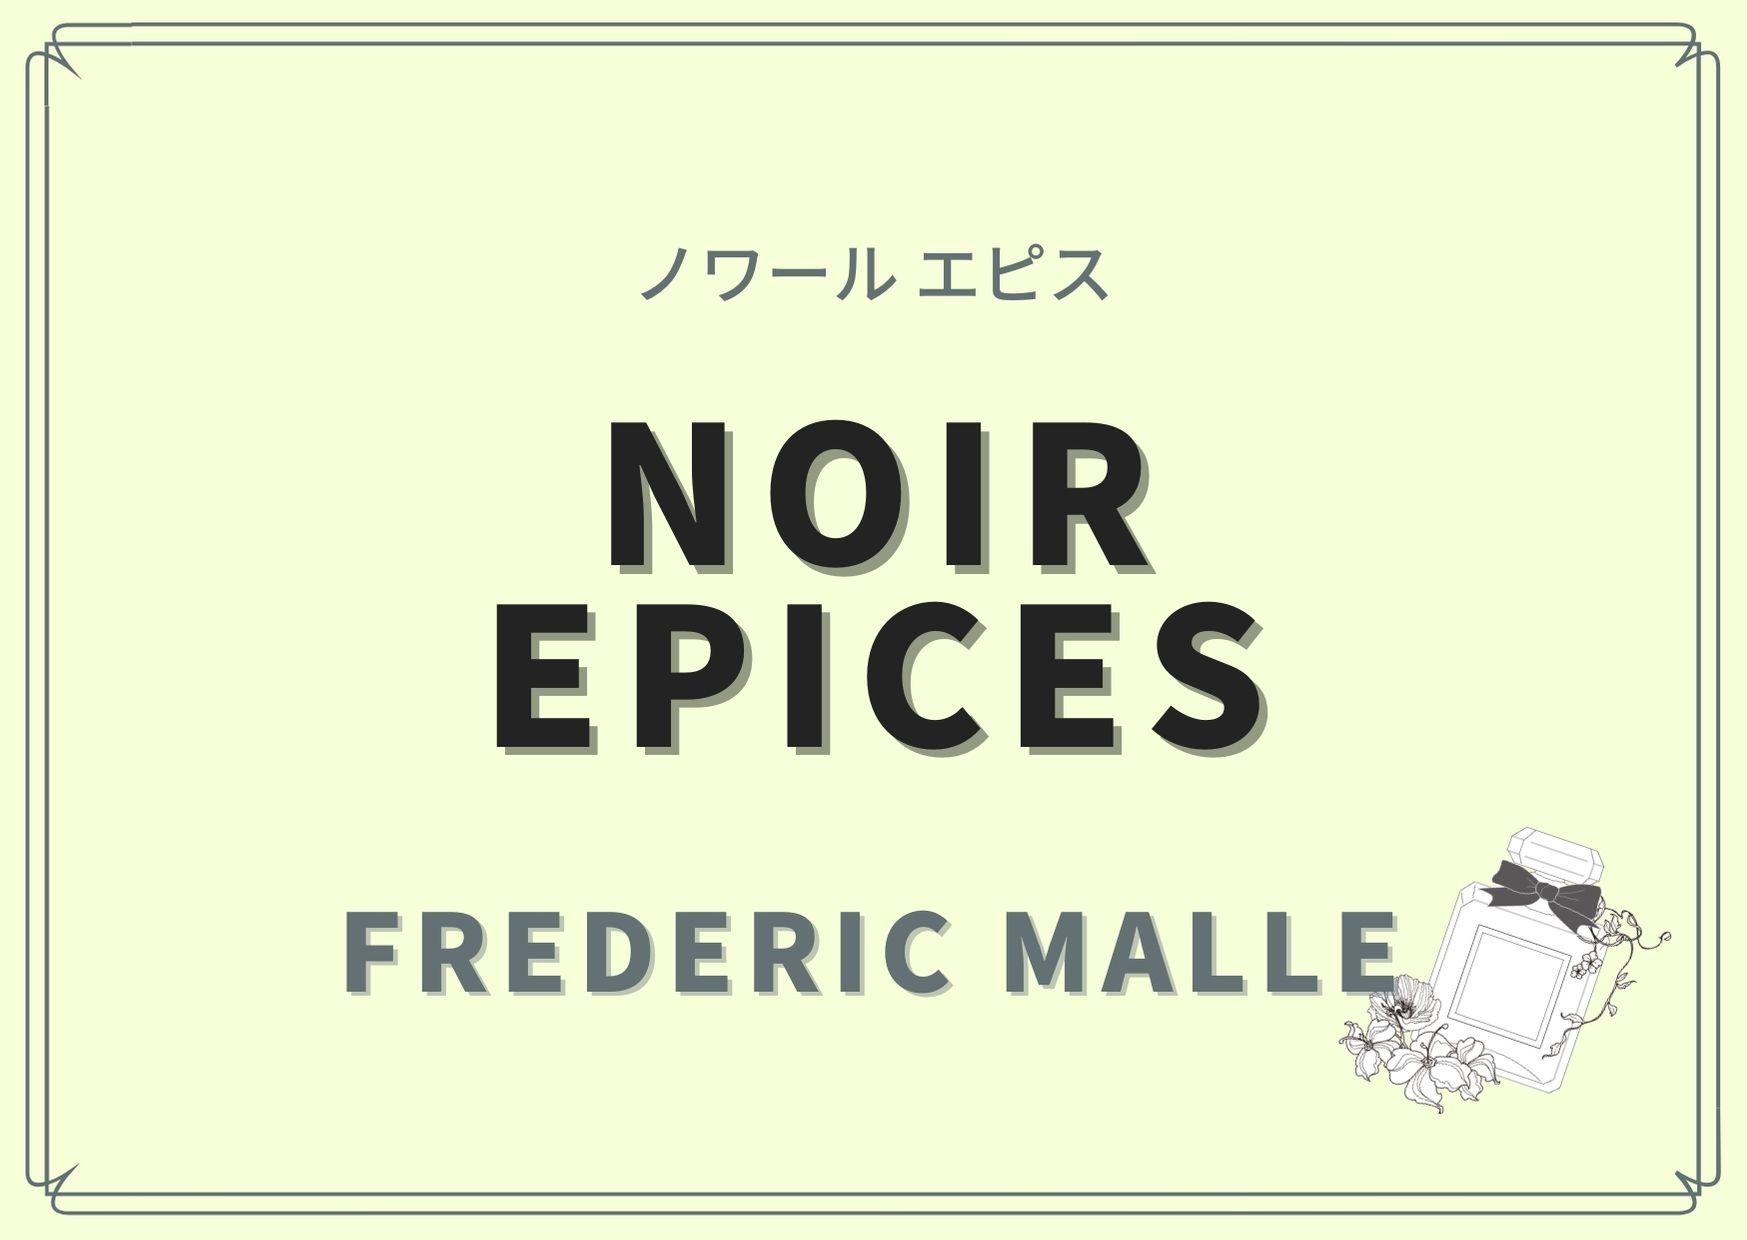 NOIR EPICES(ノワール エピス)/FREDERIC MALLE(フレデリック マル)